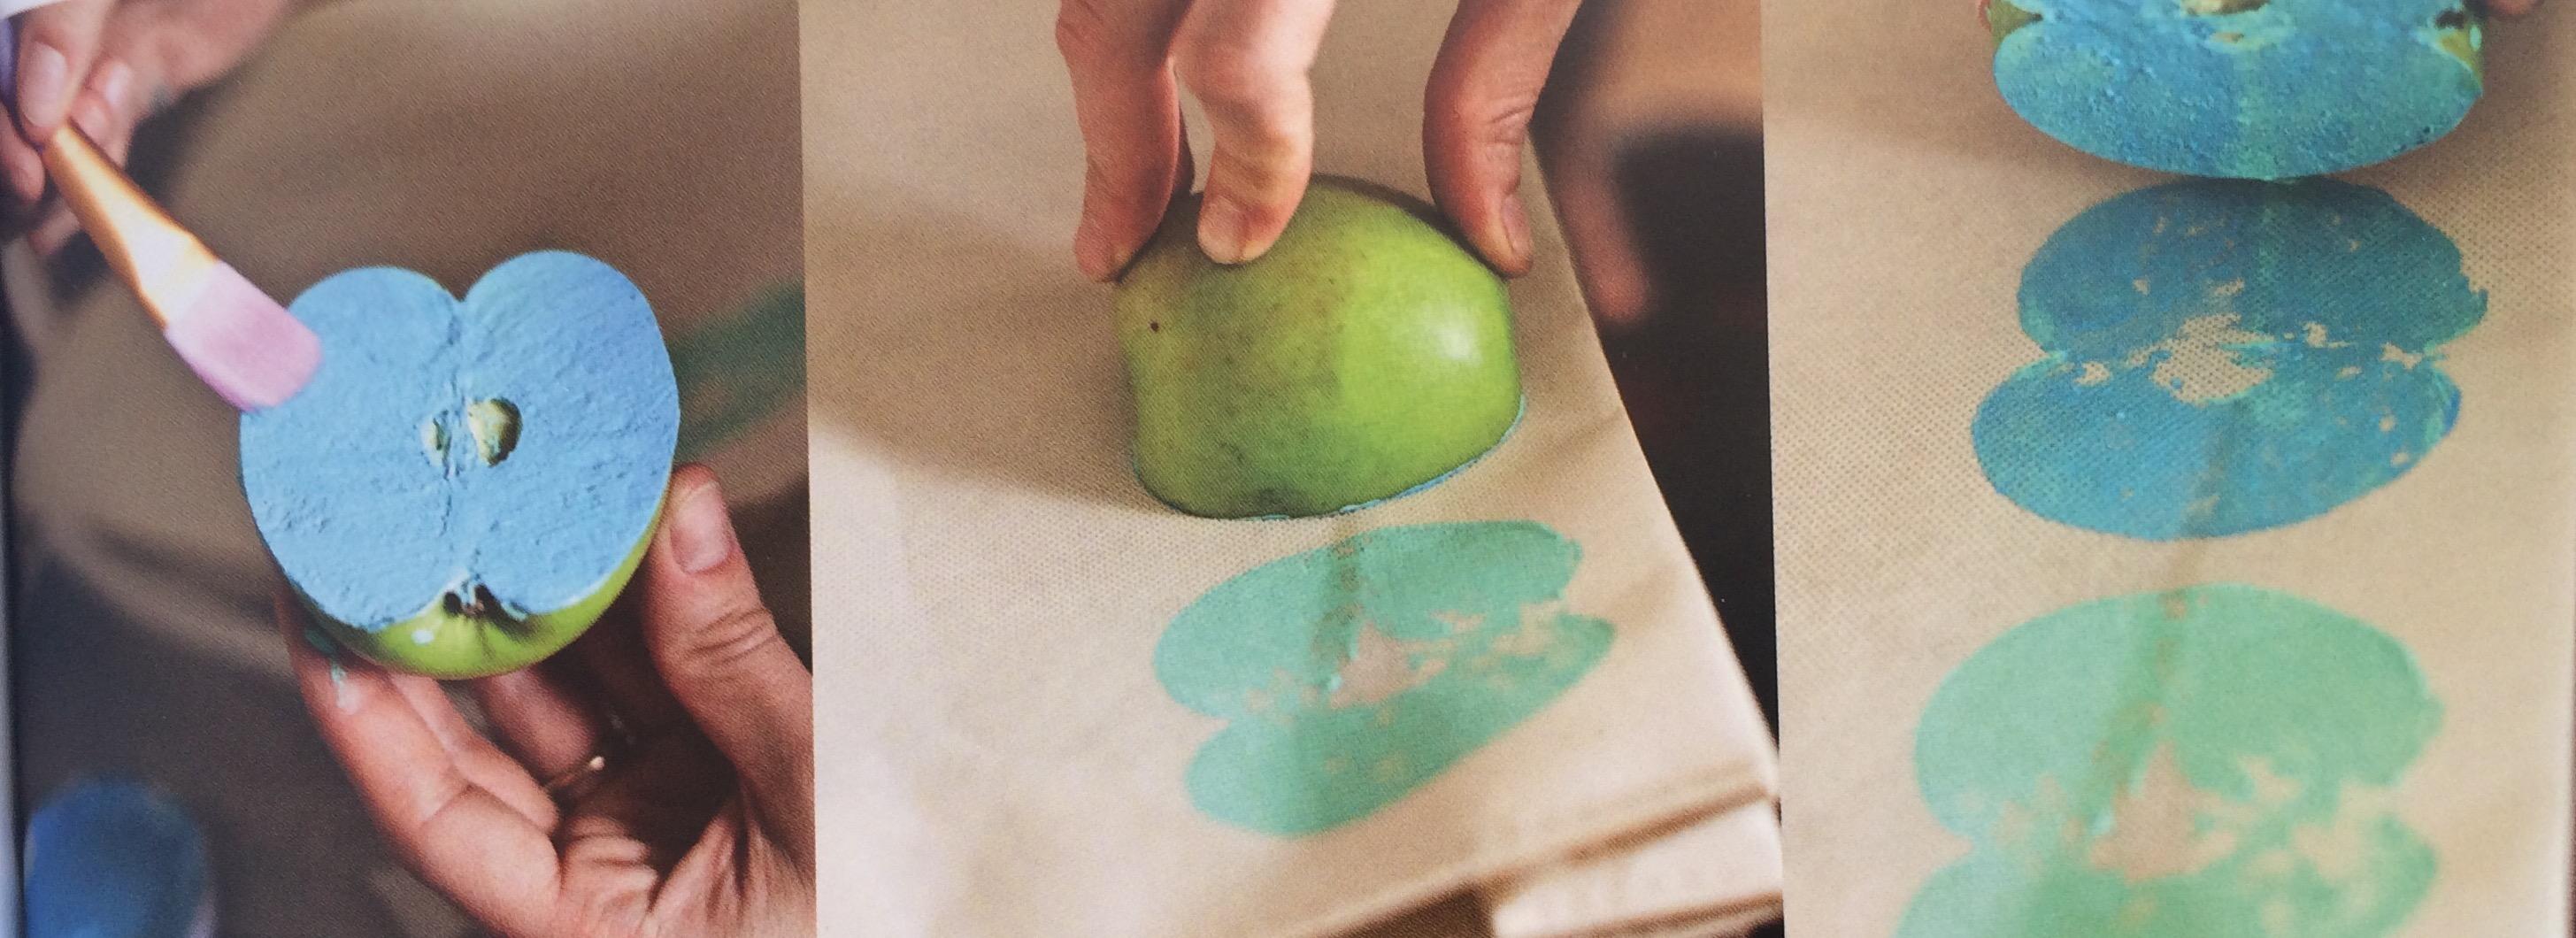 Bolso estampado con manzanas